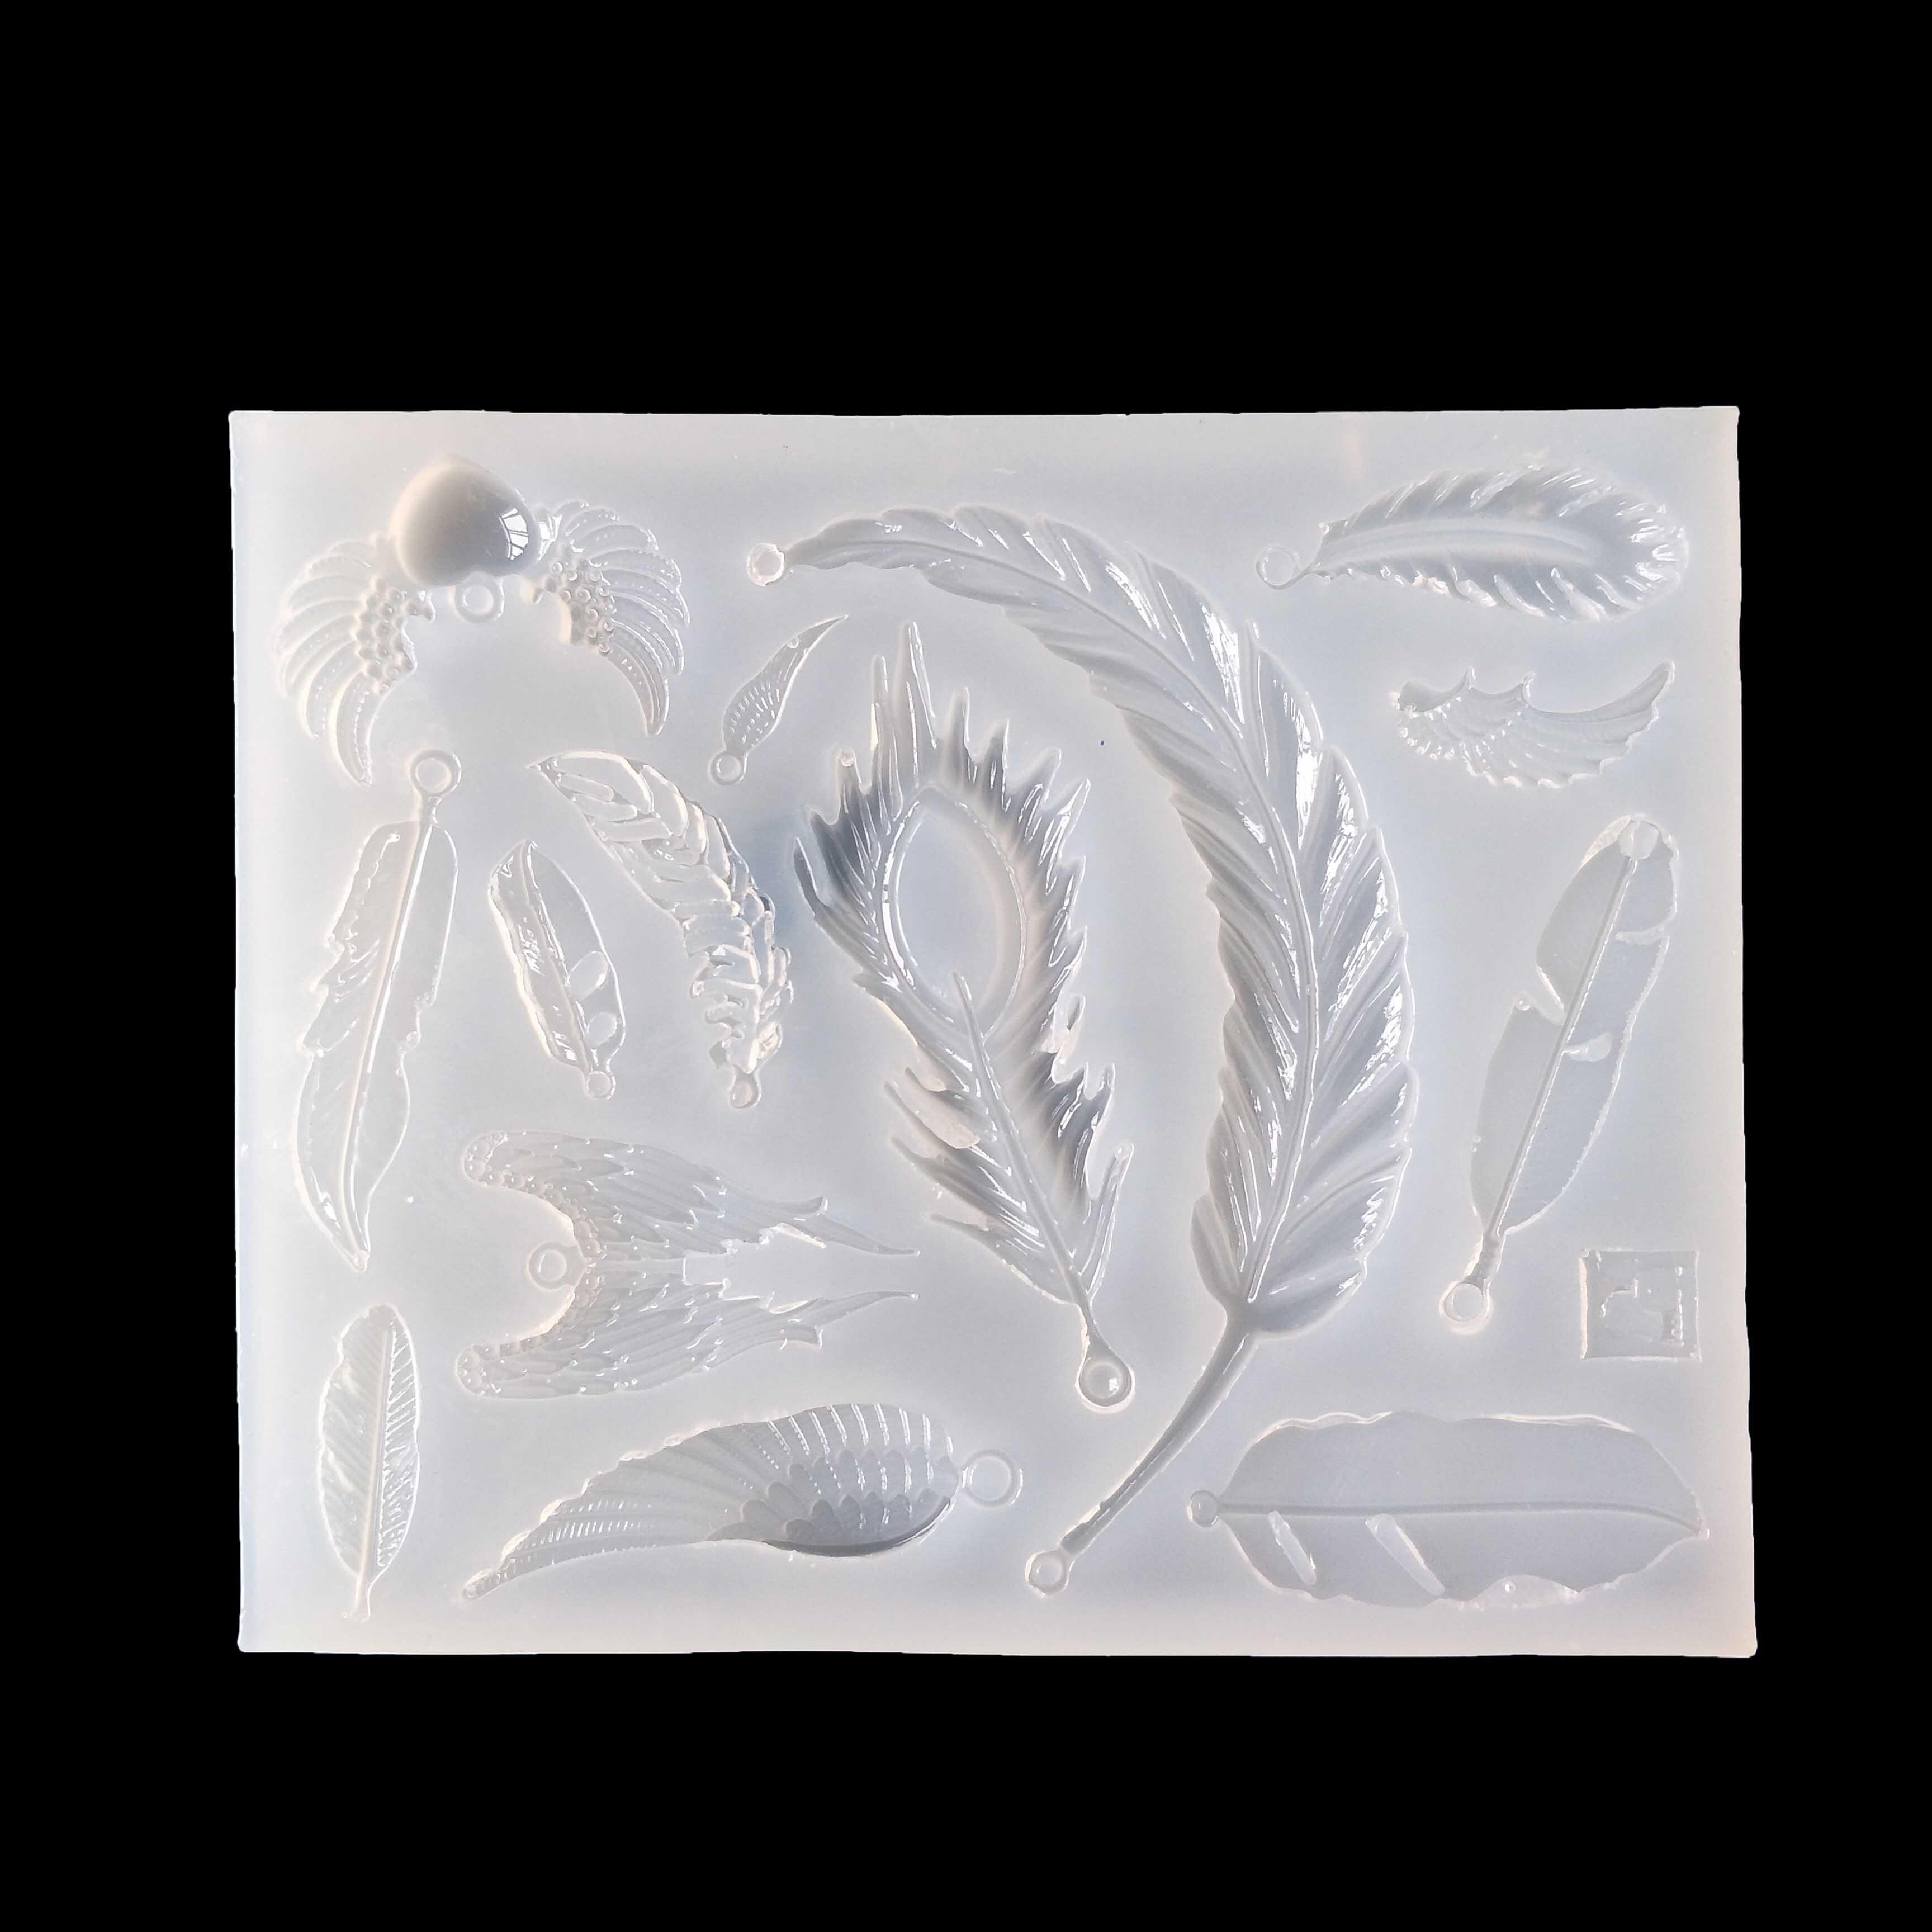 羽毛翅膀卡通水晶滴胶 UV胶硅胶 水晶滴胶模具镜面S141